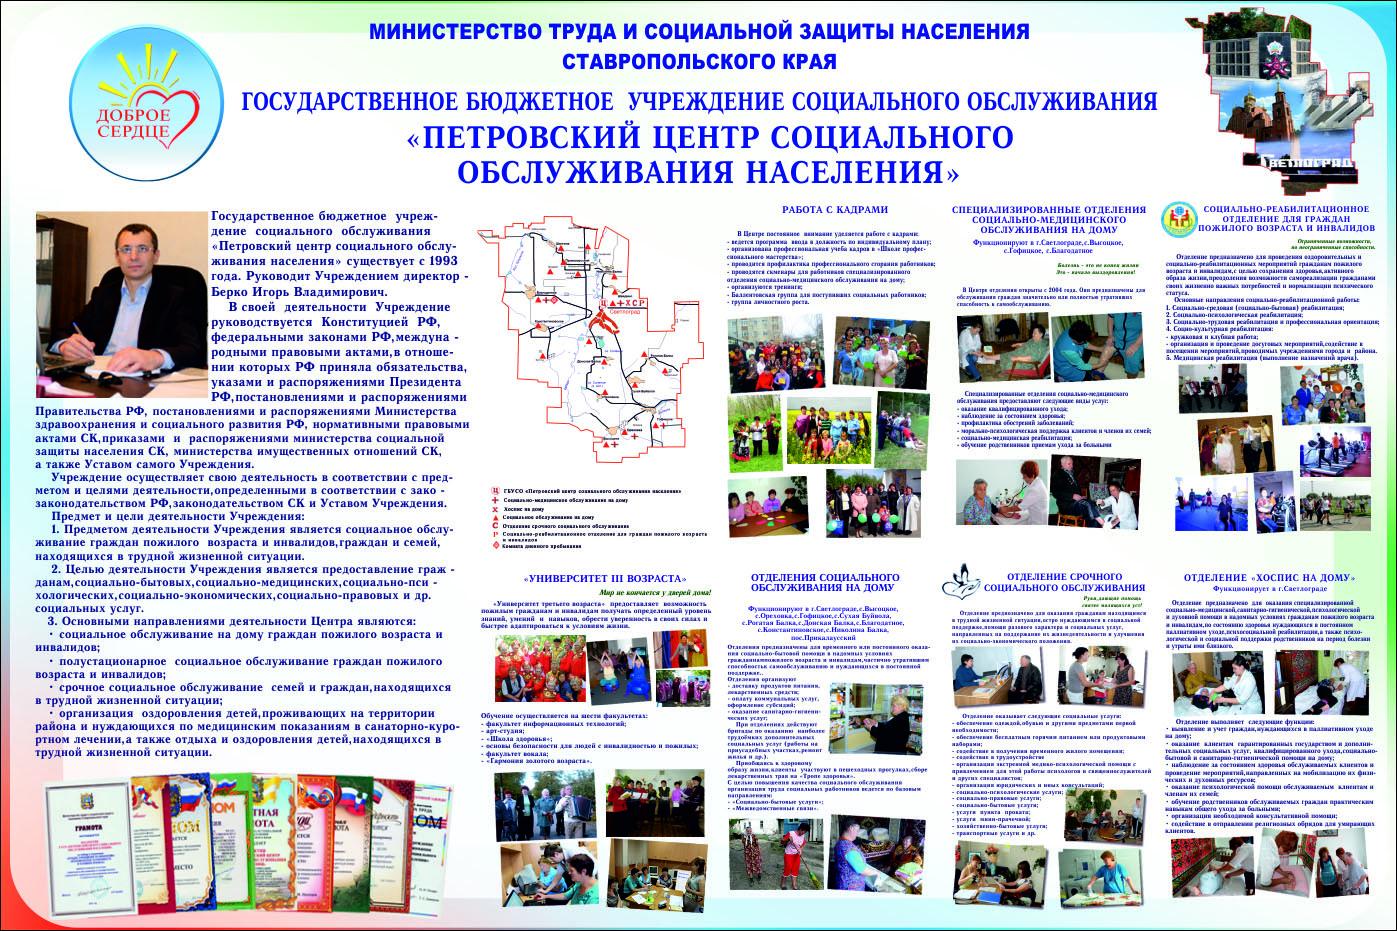 petrovskij_centr_soc_obsluzhivanija